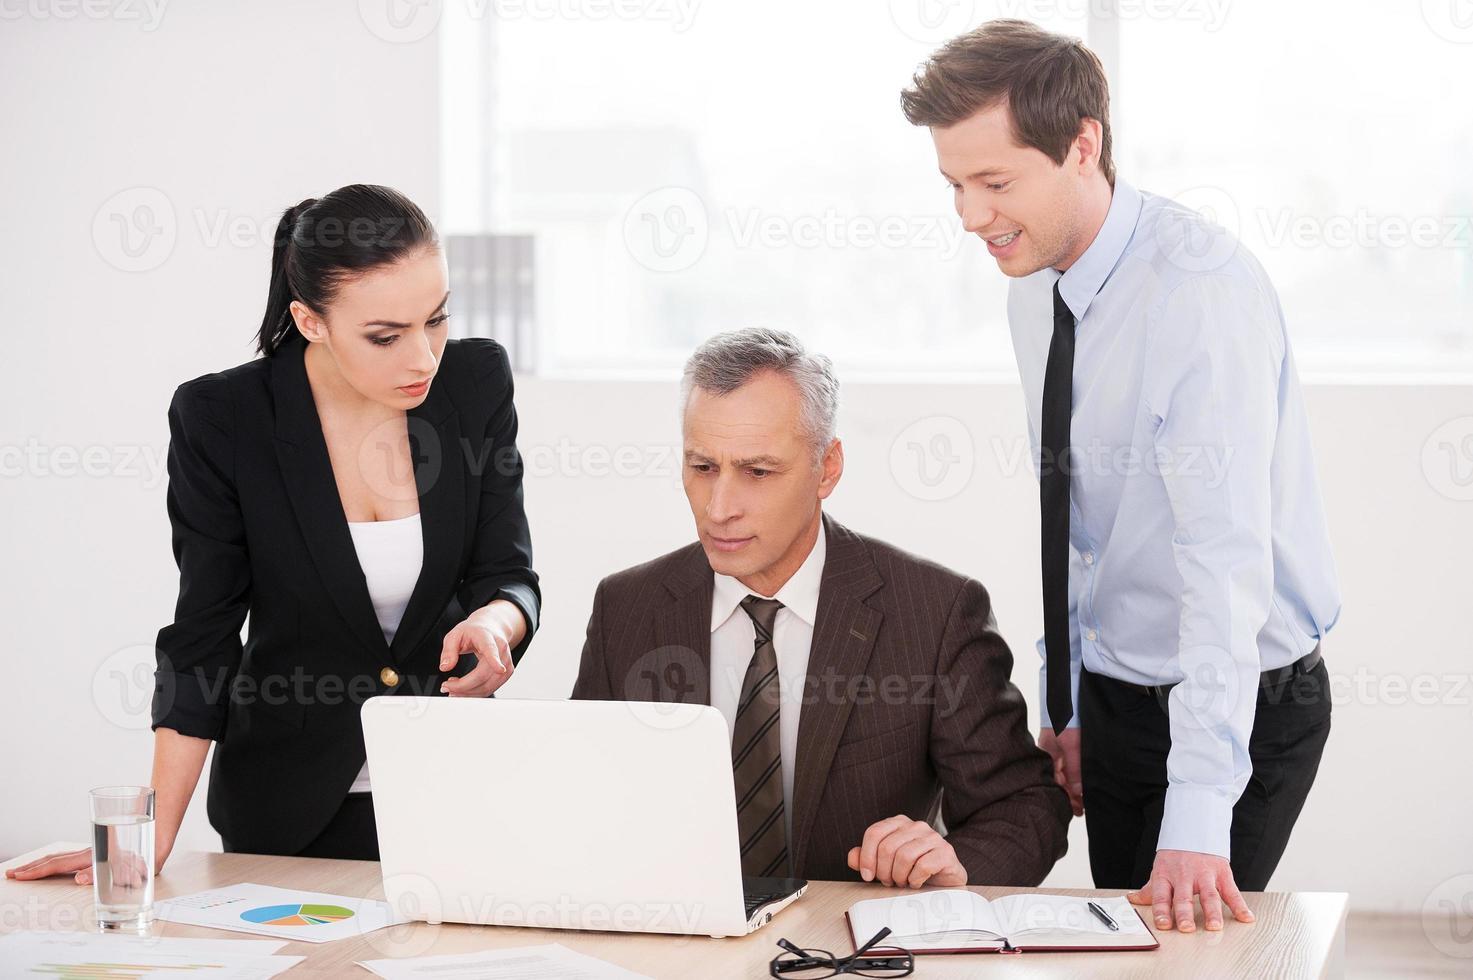 mensen uit het bedrijfsleven op het werk. foto